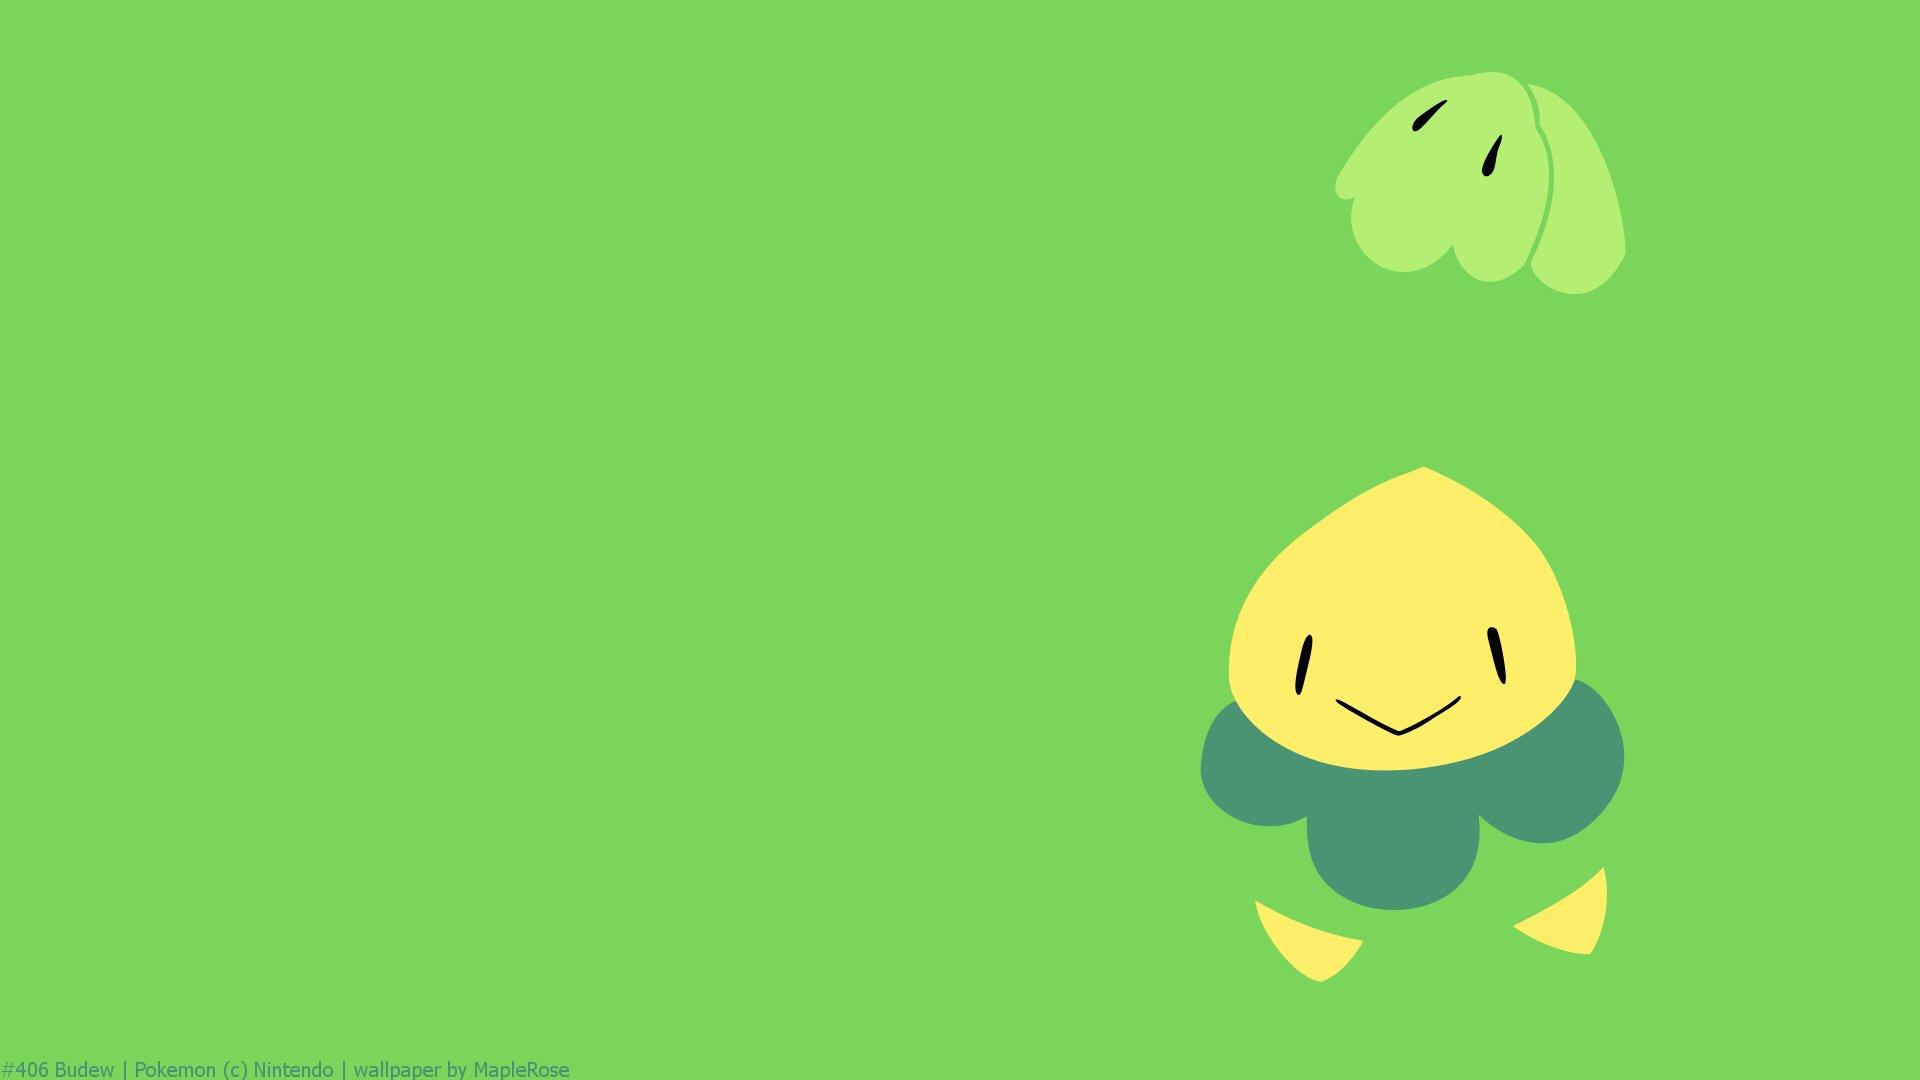 Budew | Pokemon GO Hub